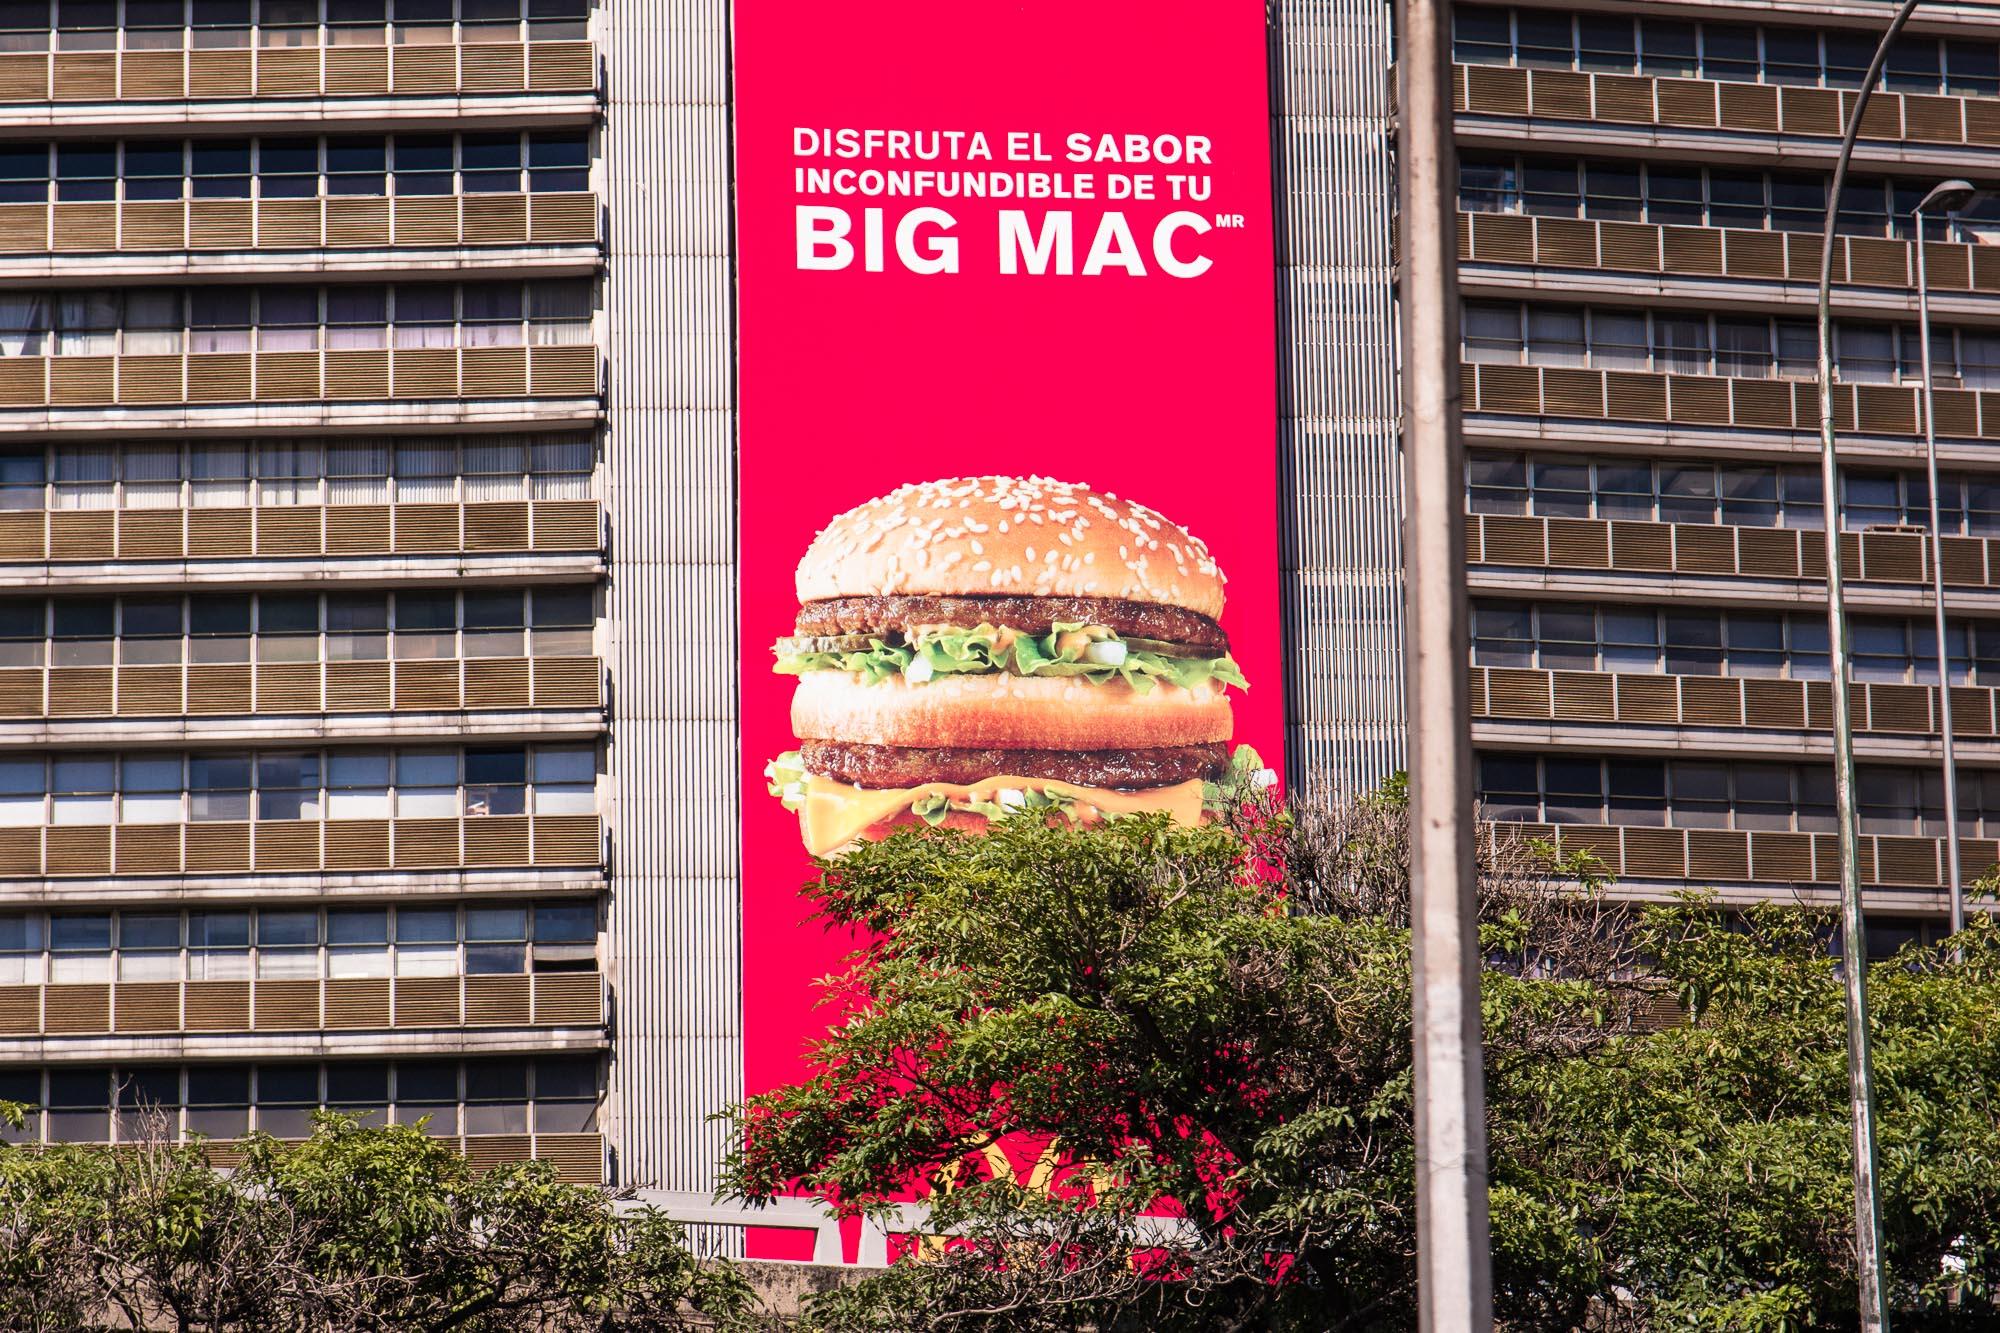 Big-MAC-Caracas.jpg